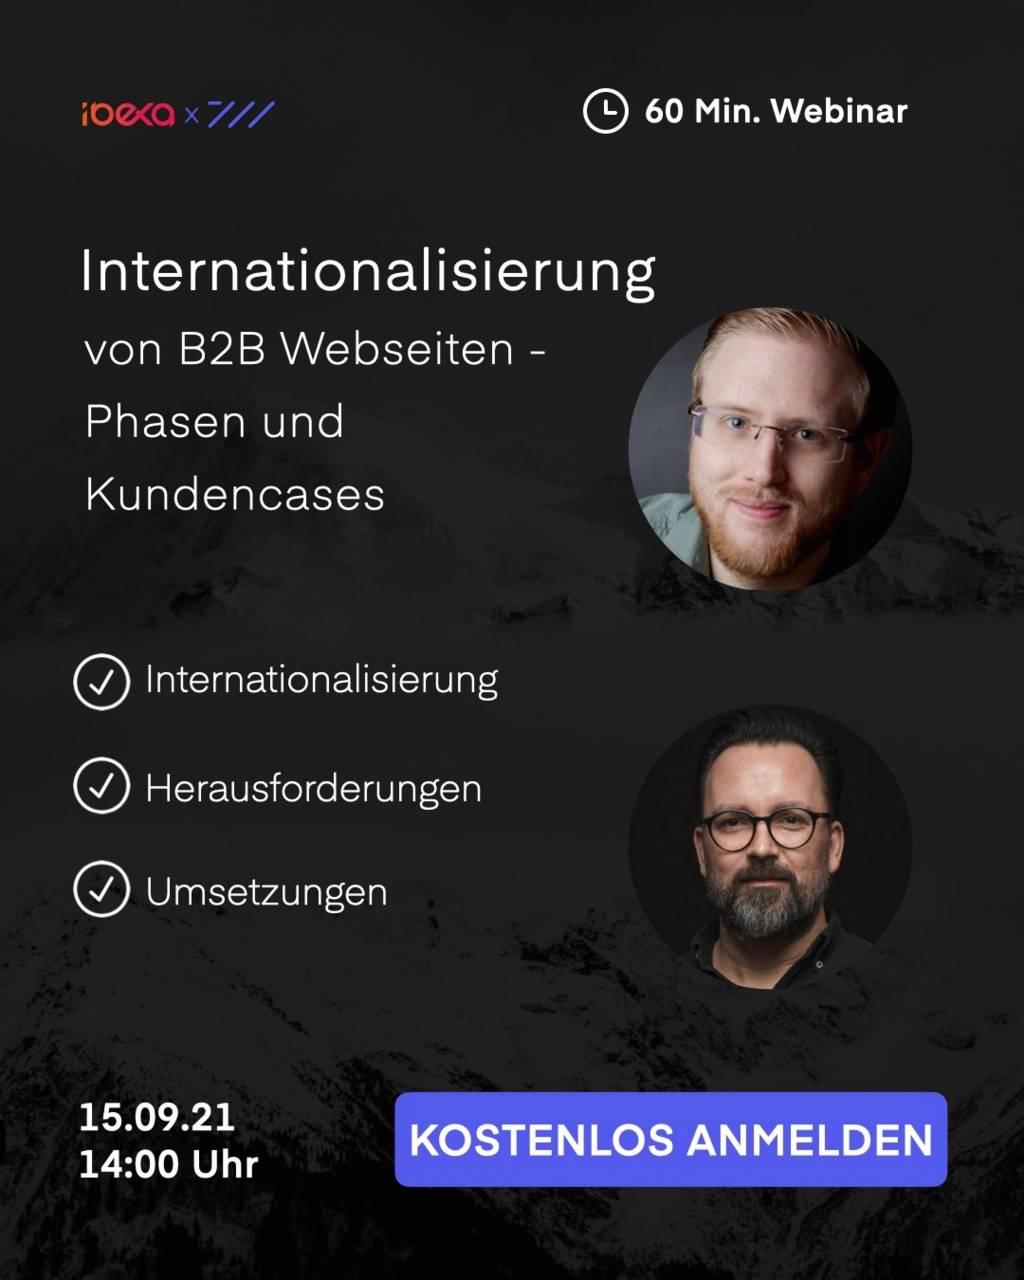 Internationalisierung von B2B Webseiten